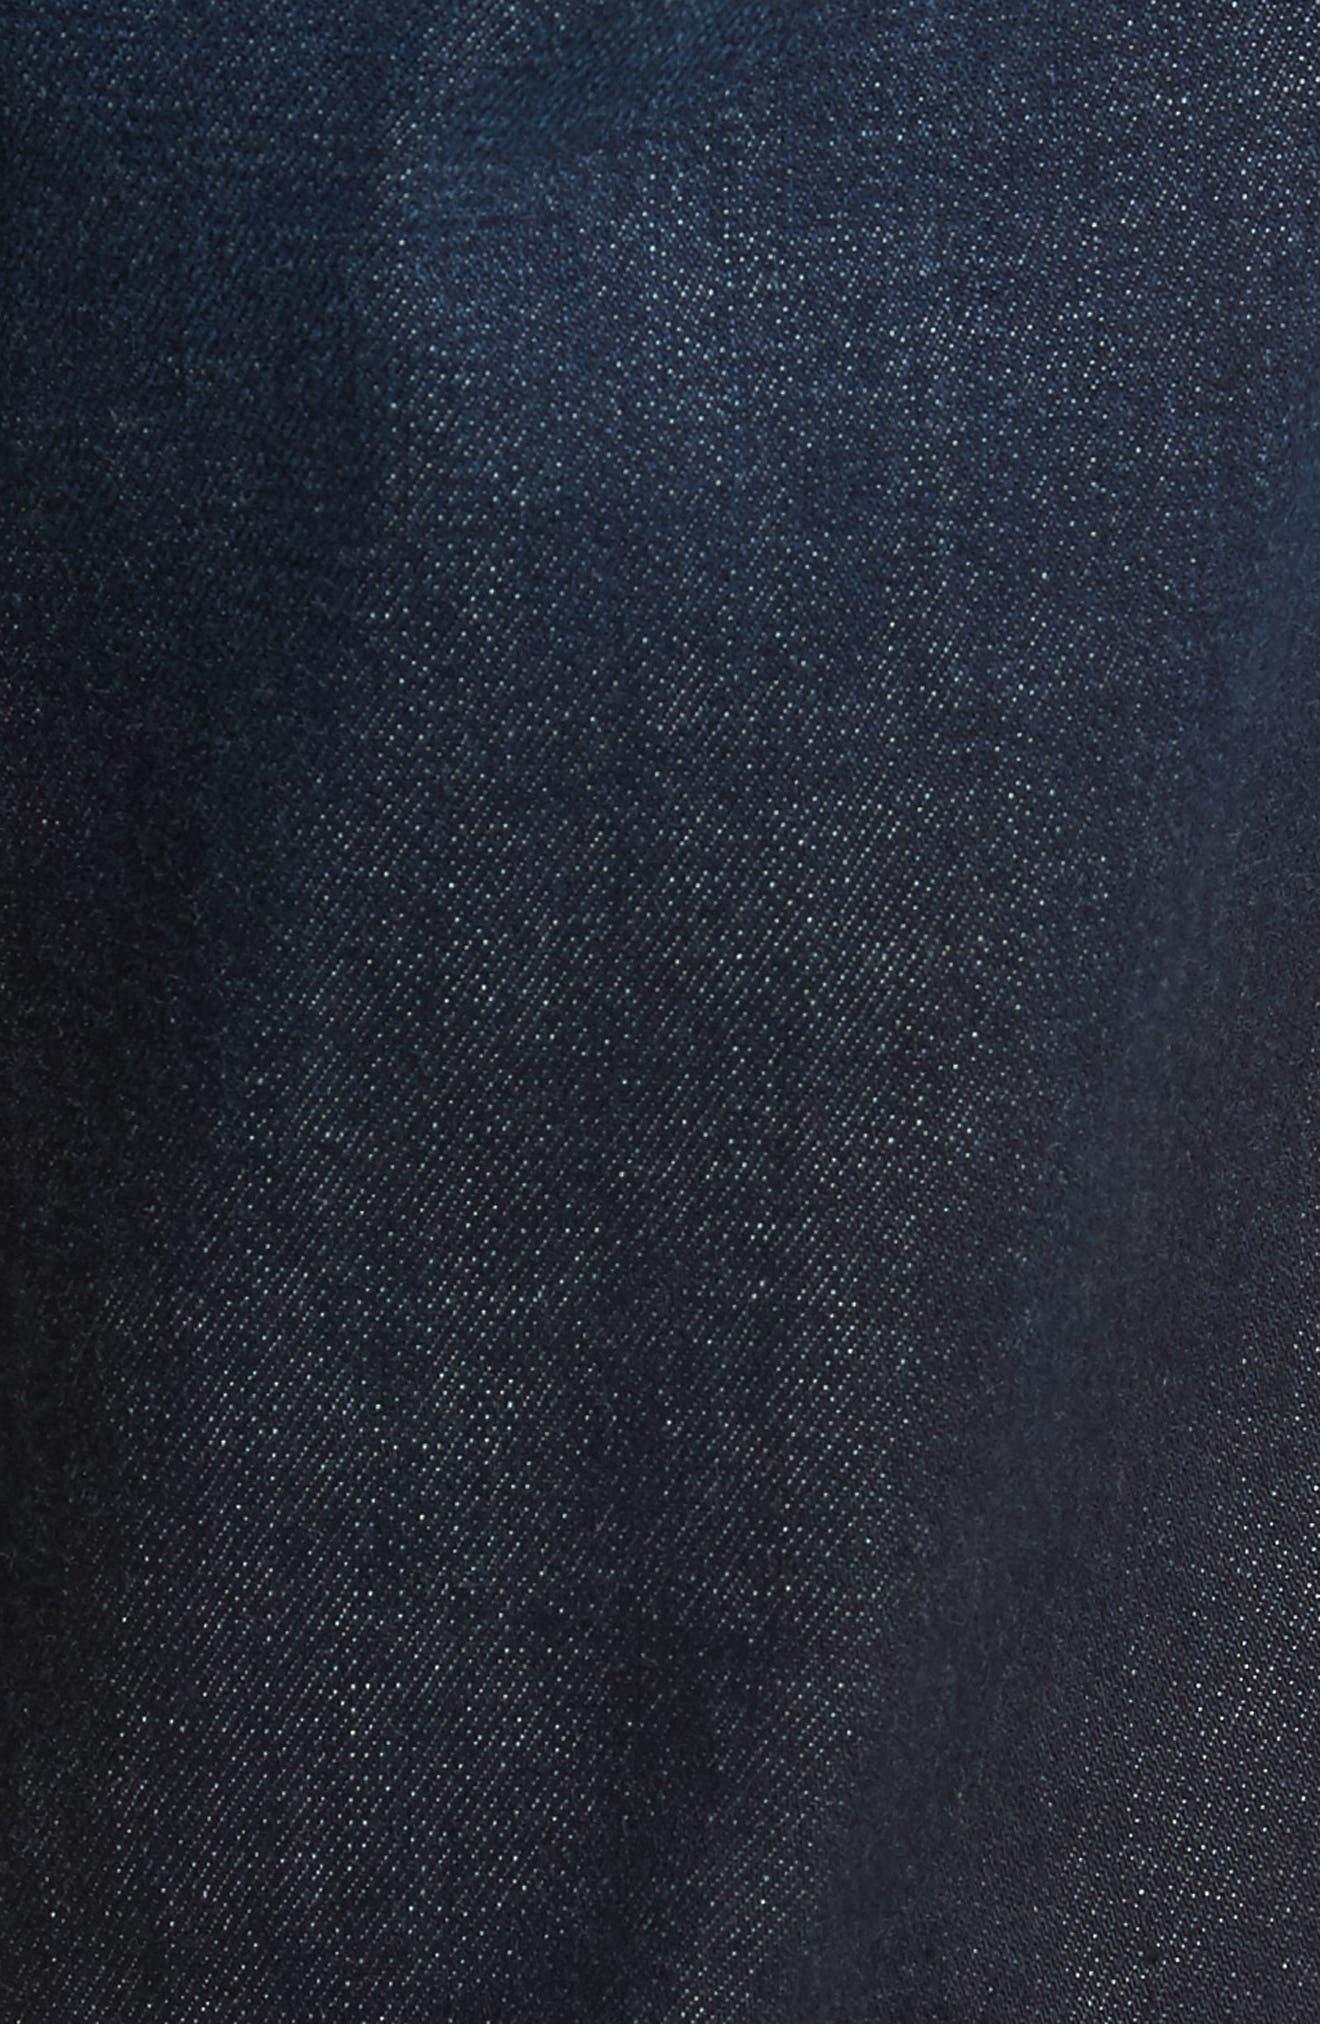 Blake Slim Fit Jeans,                             Alternate thumbnail 5, color,                             EVENING HUSH